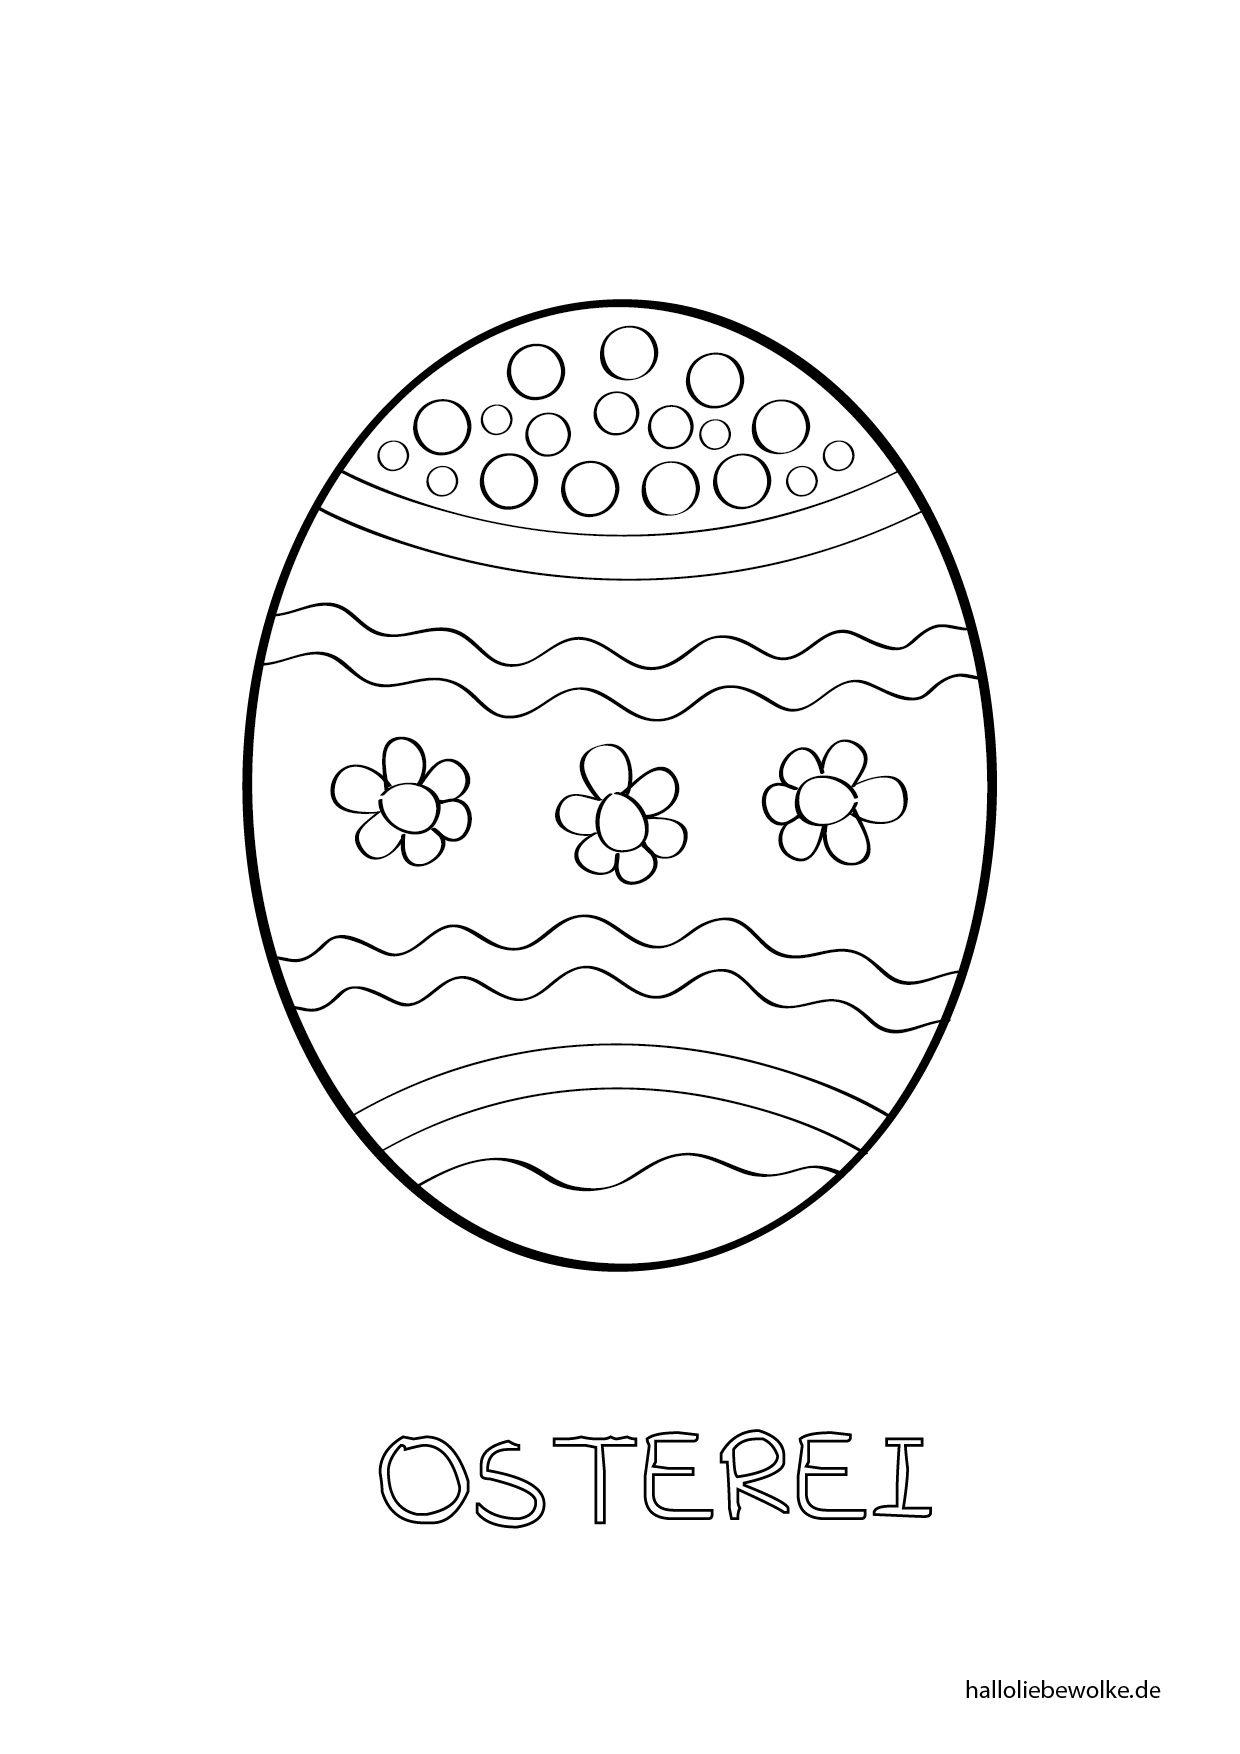 Osterei_Ausmalbild_Malvorlage.jpg 144.144×144.14 Pixel  Osterei